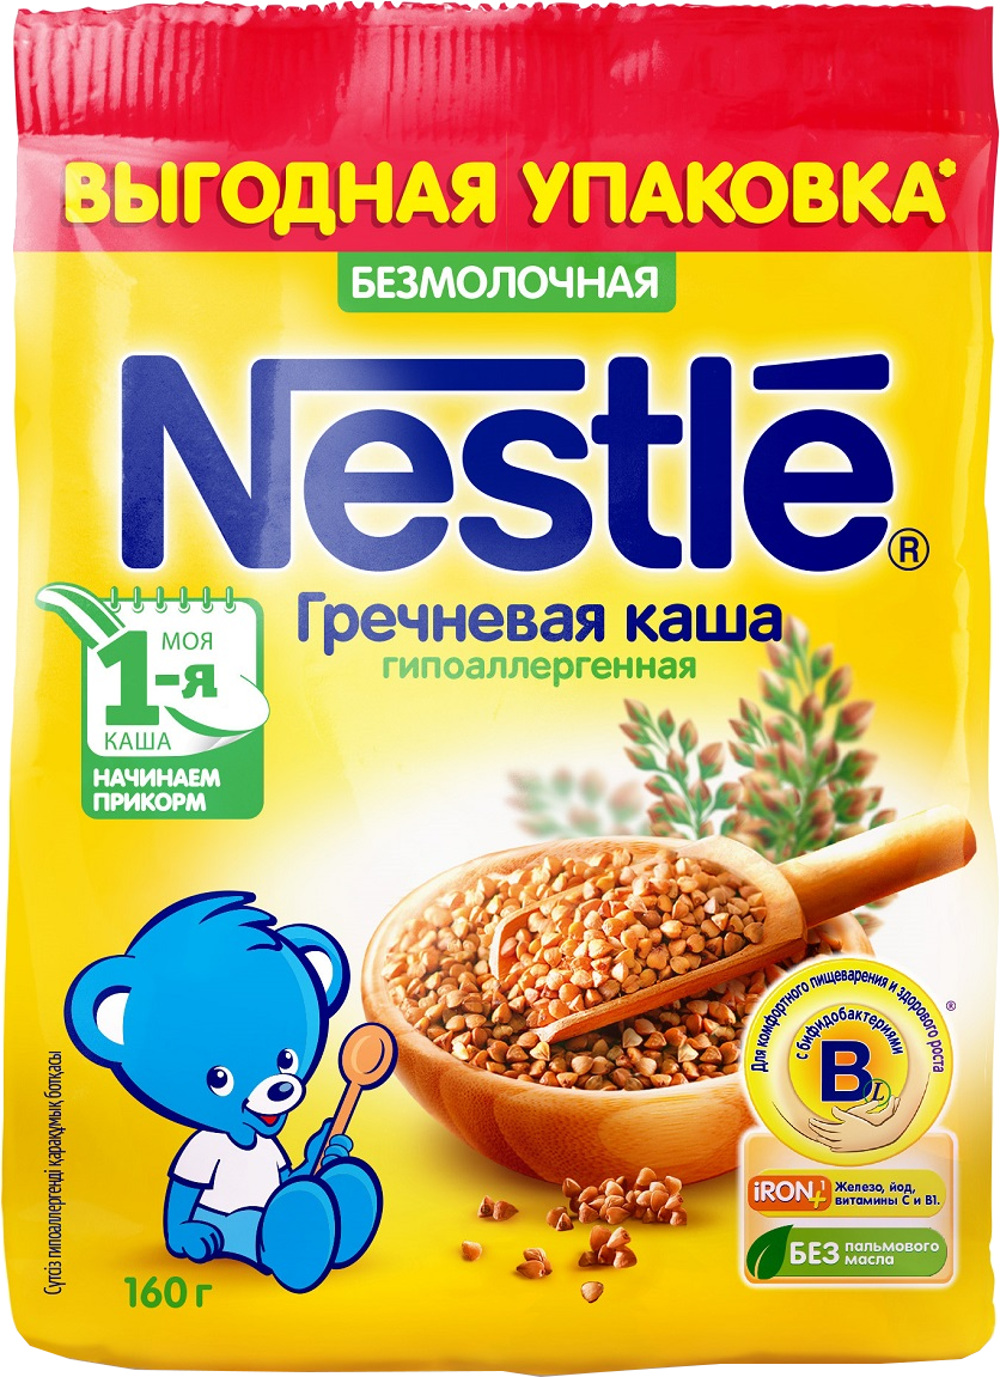 Каши Nestle Каша безмолочная Nestle гречневая гипоаллергенная с 4 мес. 160 г каши nestle каша безмолочная nestle гречневая гипоаллергенная с 4 мес 160 г